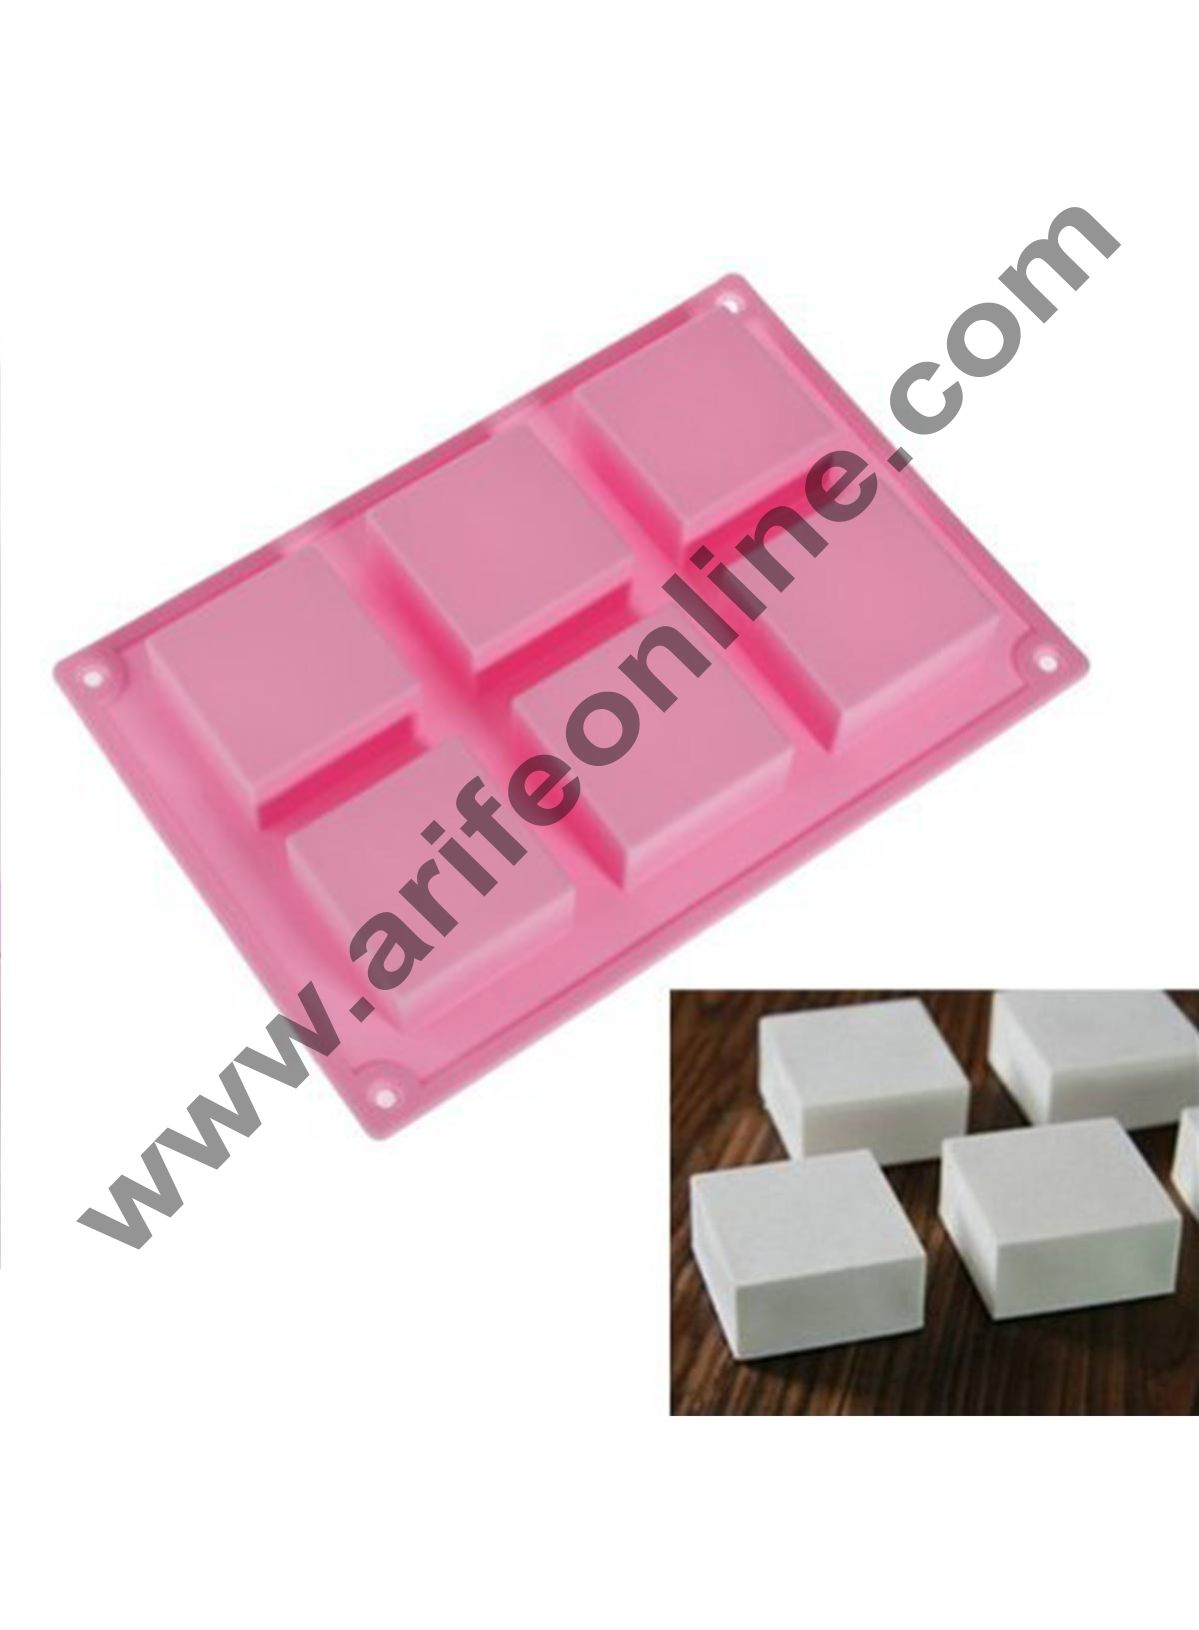 Cake Decor Silicone 6 Cavity Square Soap Mold